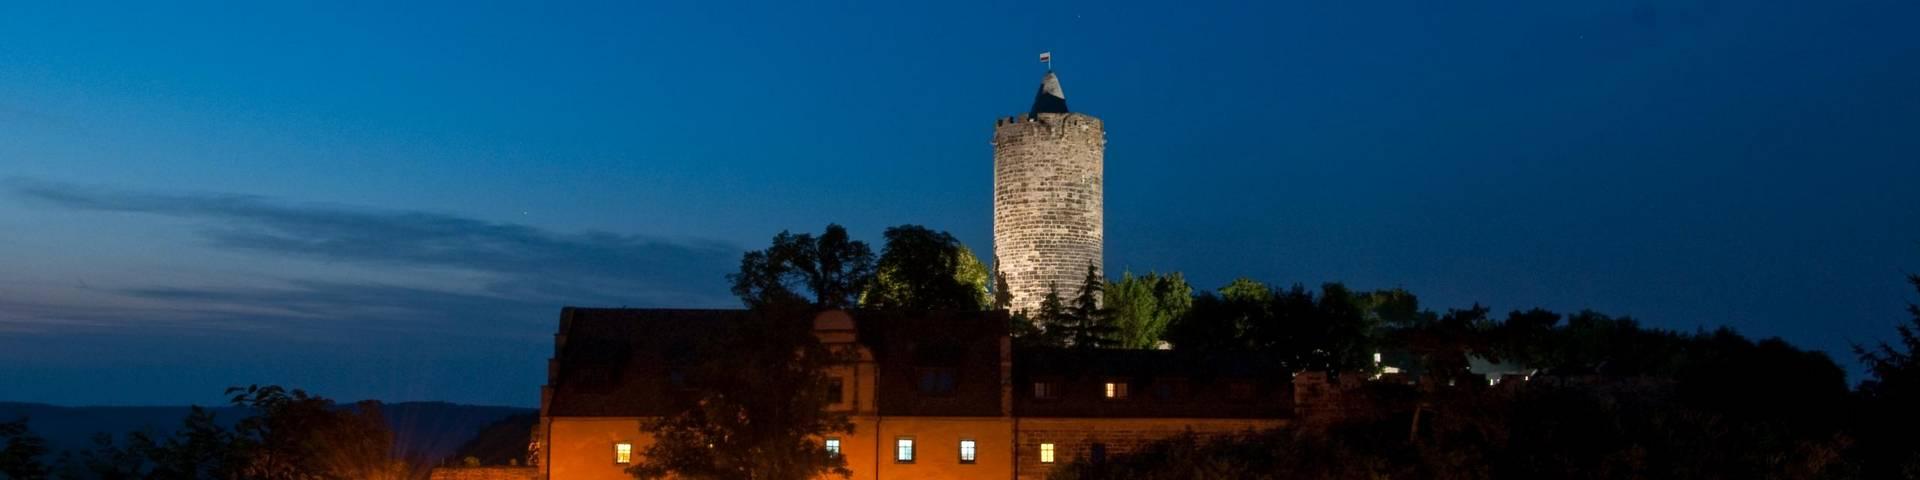 schönburg bei nacht ©Volker Kindel